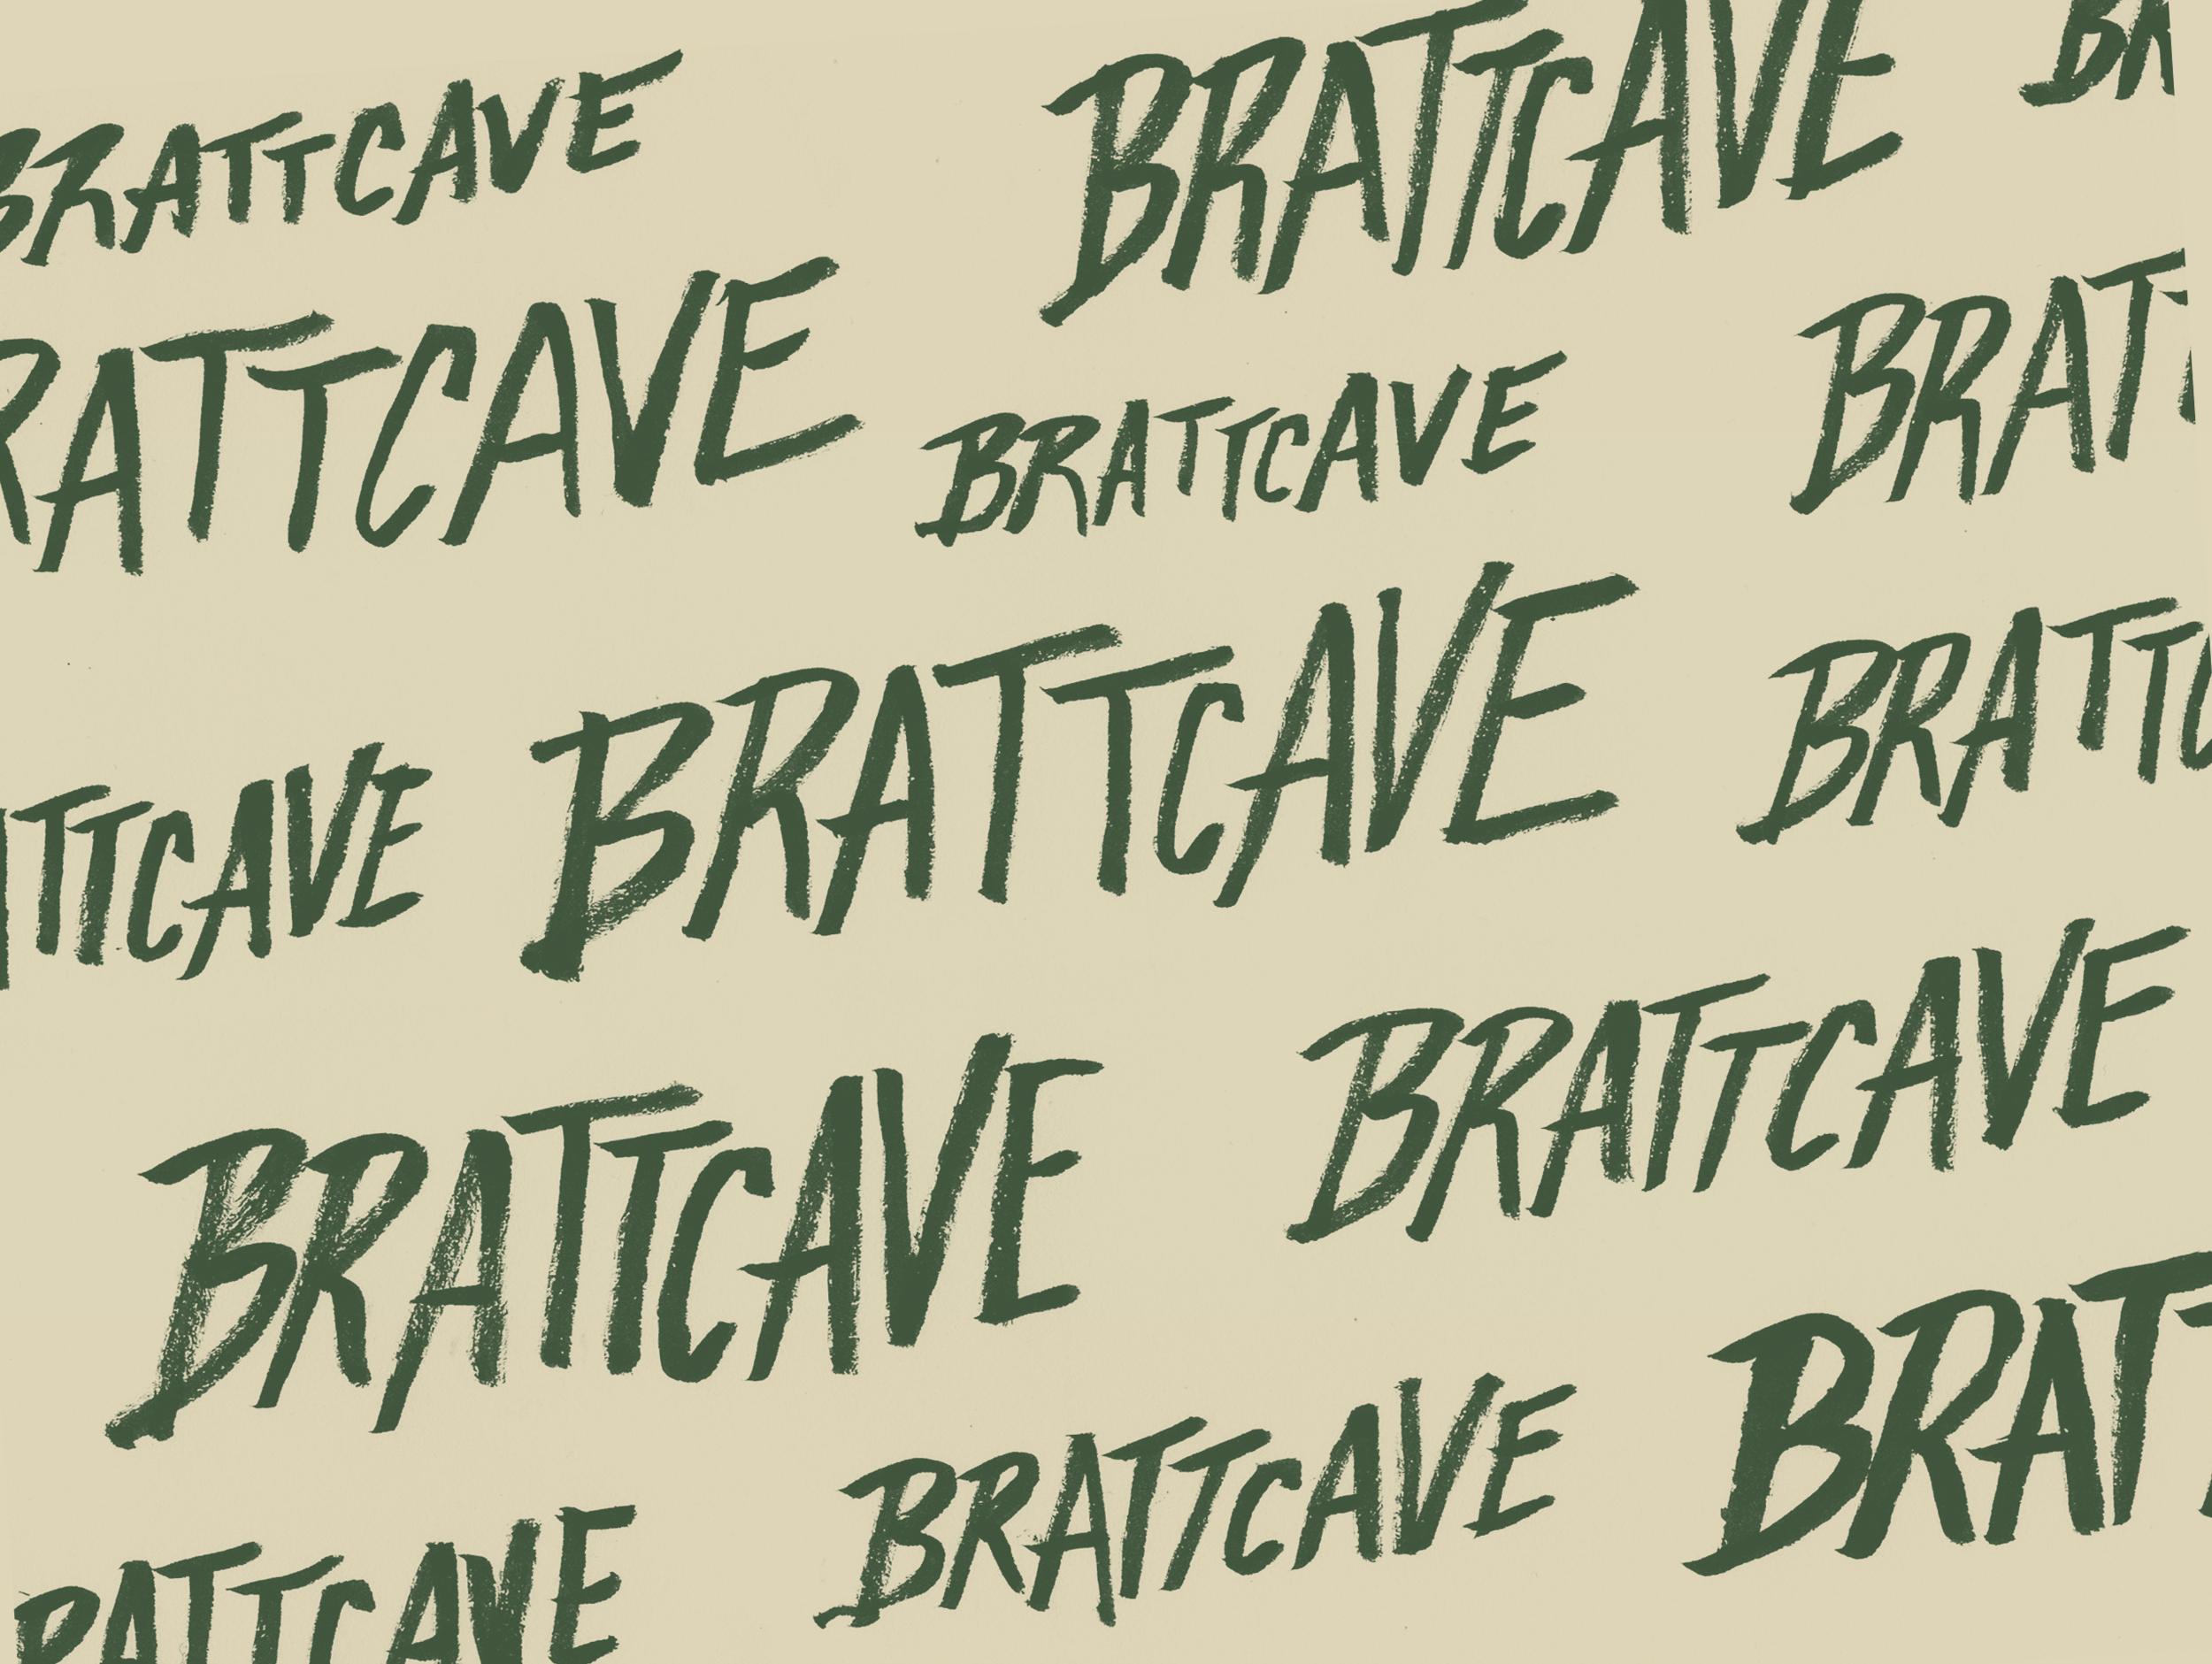 BrattCaveLetteringPractice.jpg